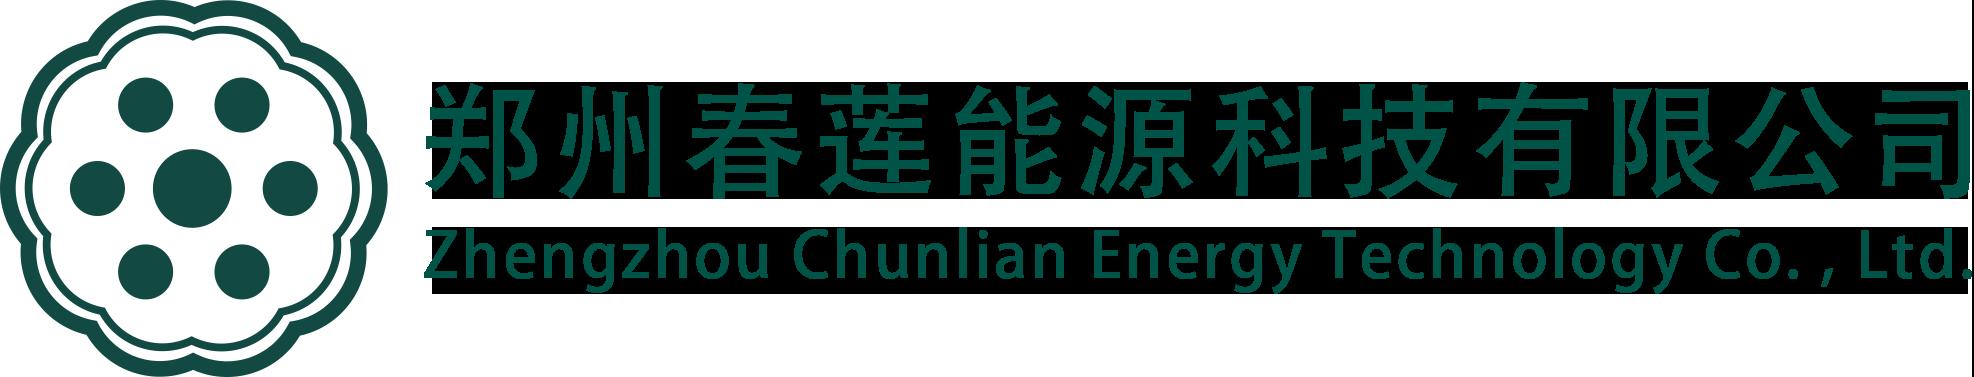 郑州春莲能源科技有限公司